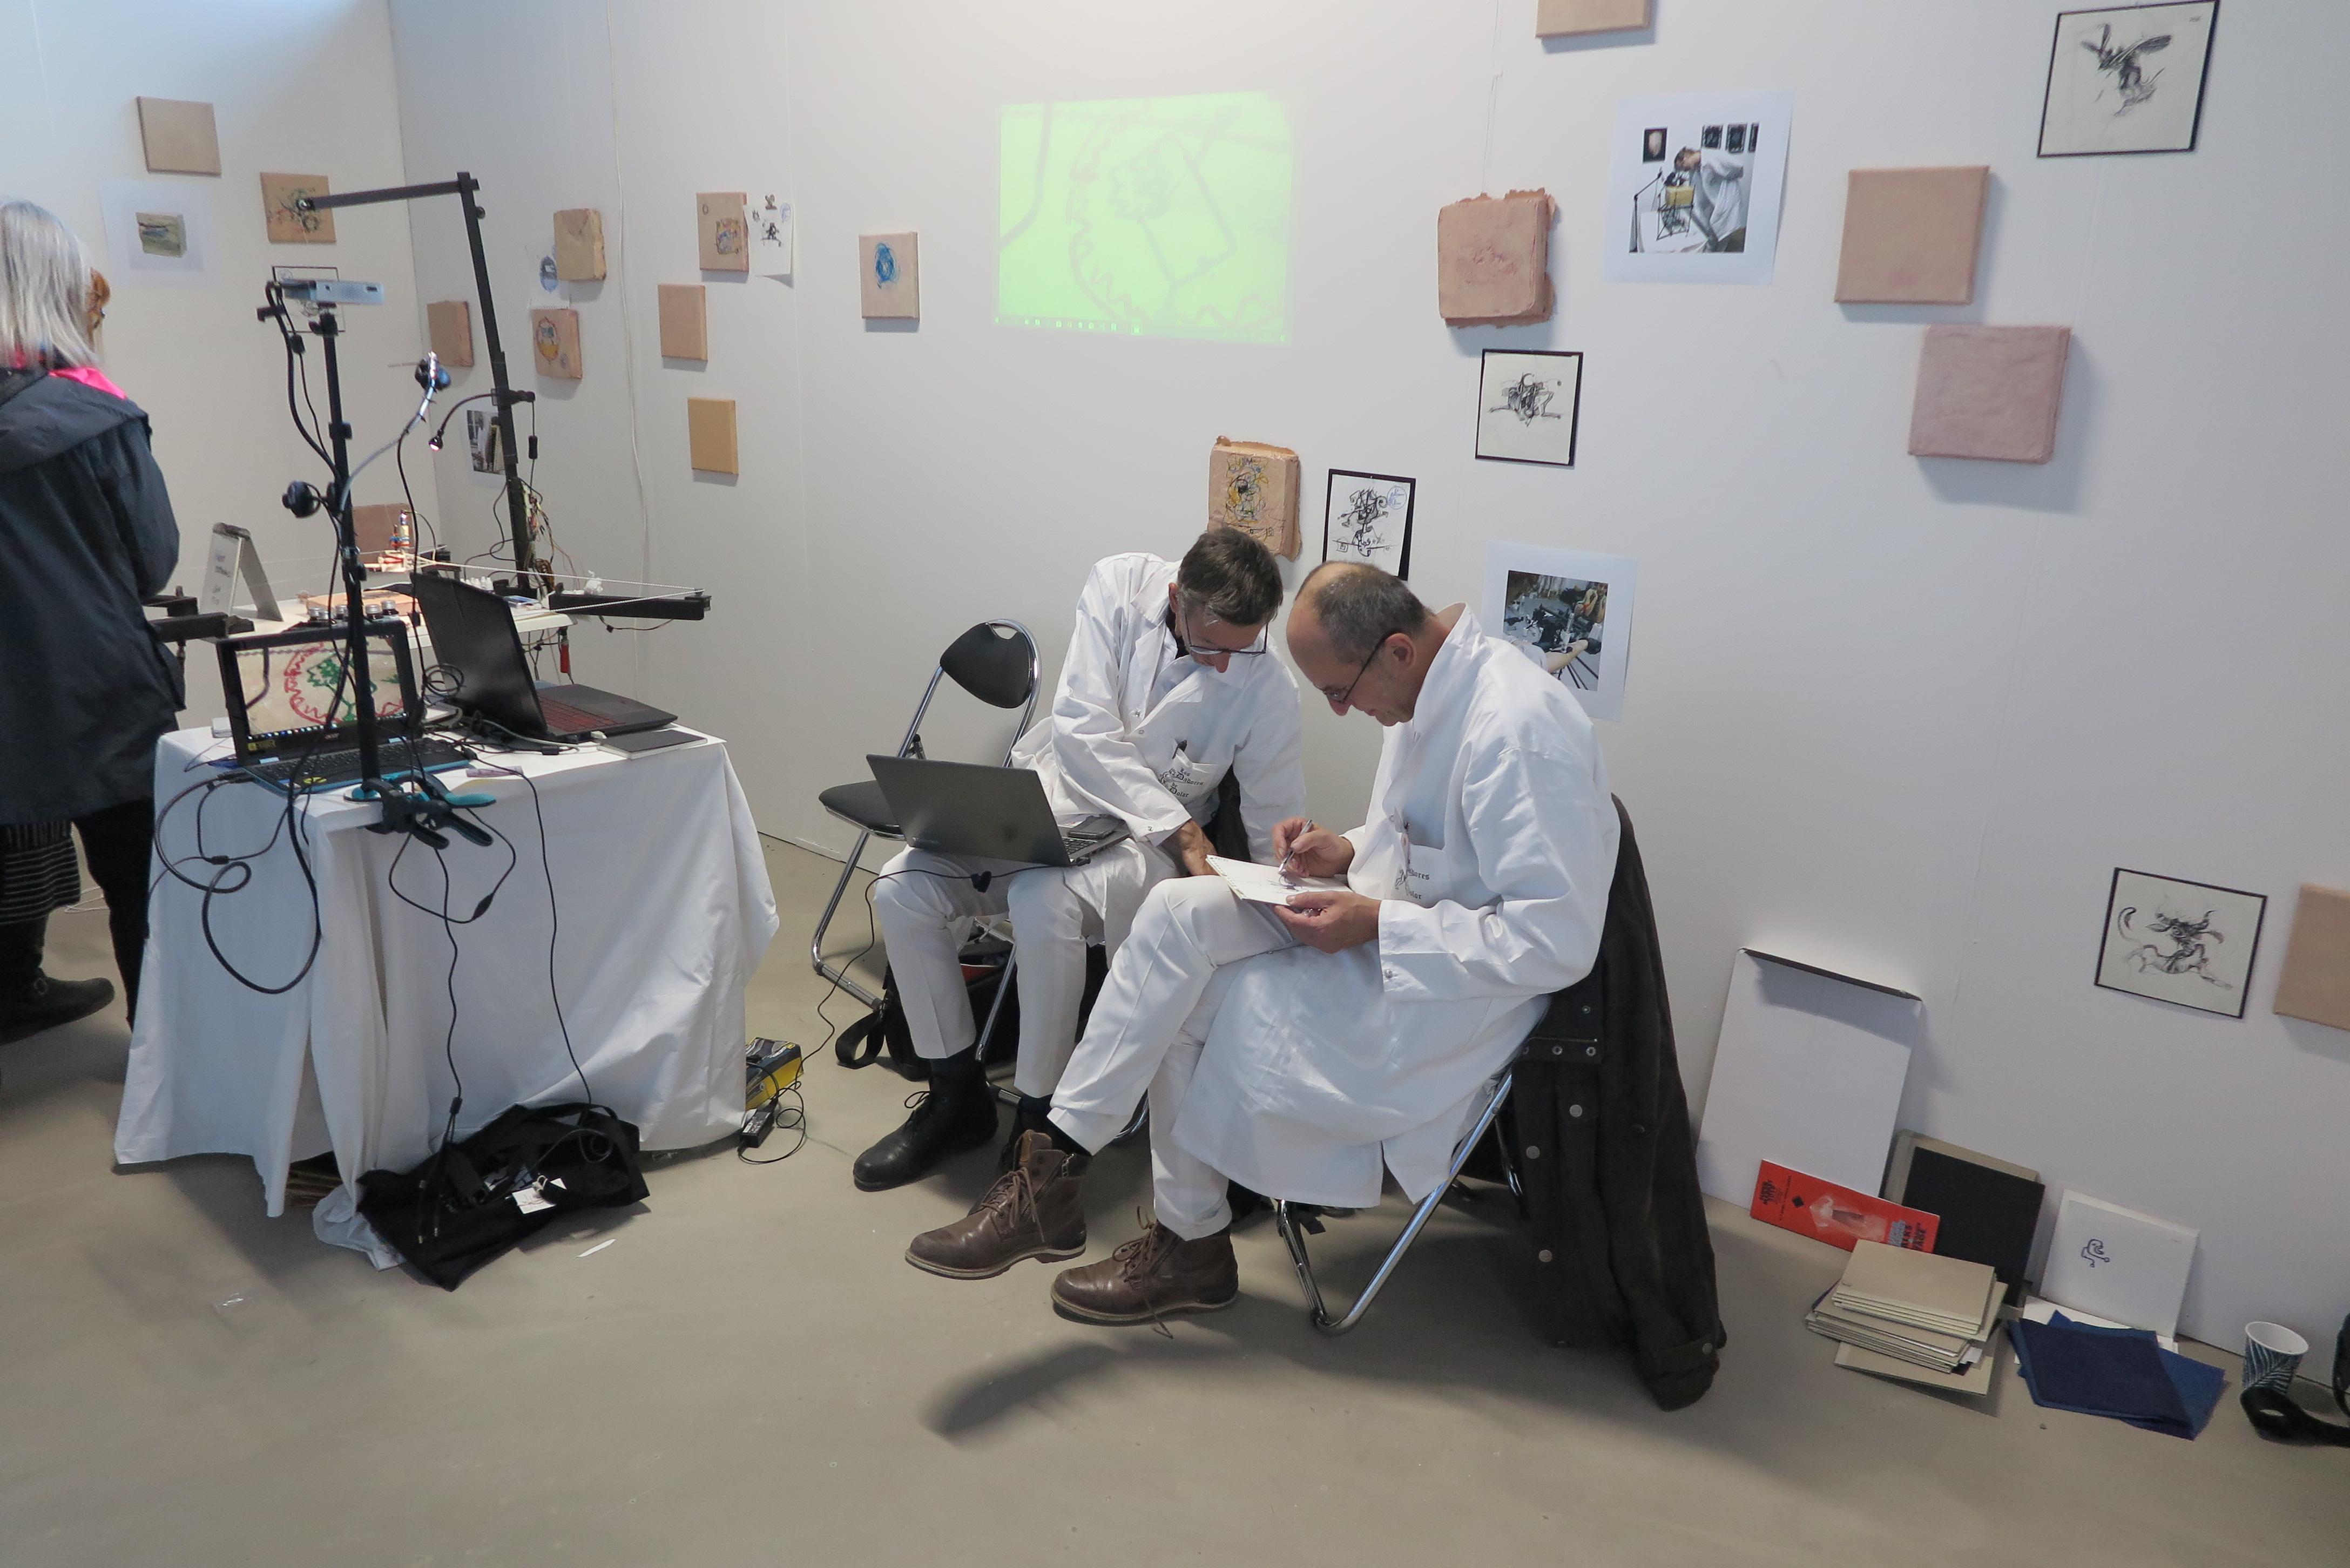 De mannen van Kunsthalle Graz